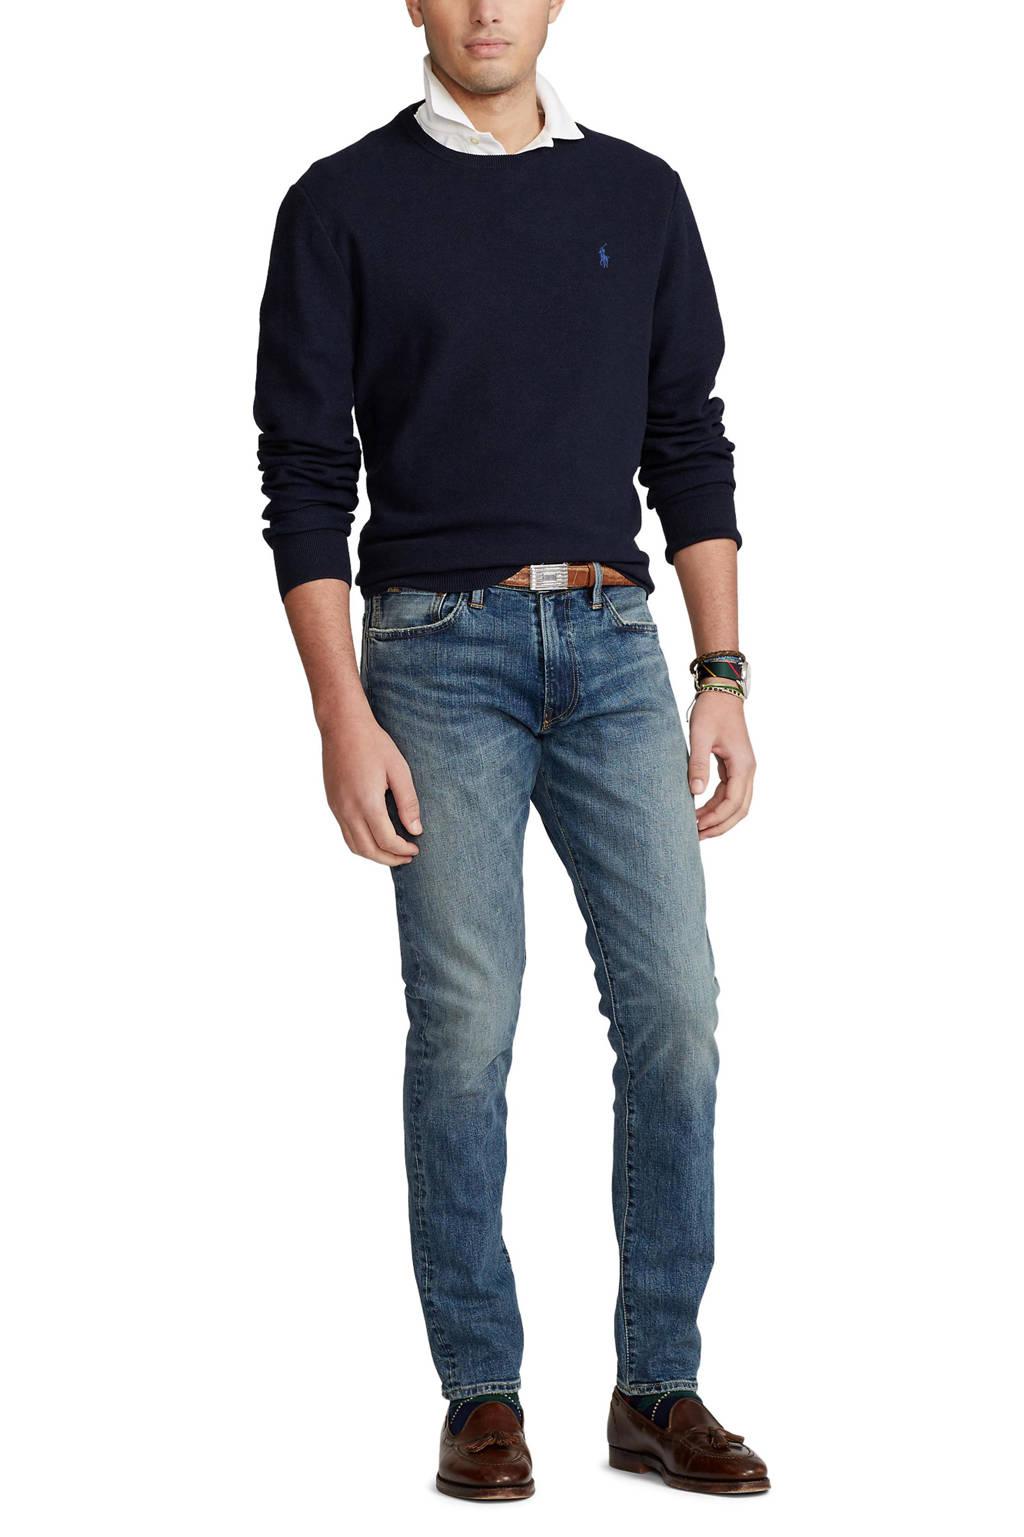 POLO Ralph Lauren fijngebreide trui donkerblauw, Donkerblauw